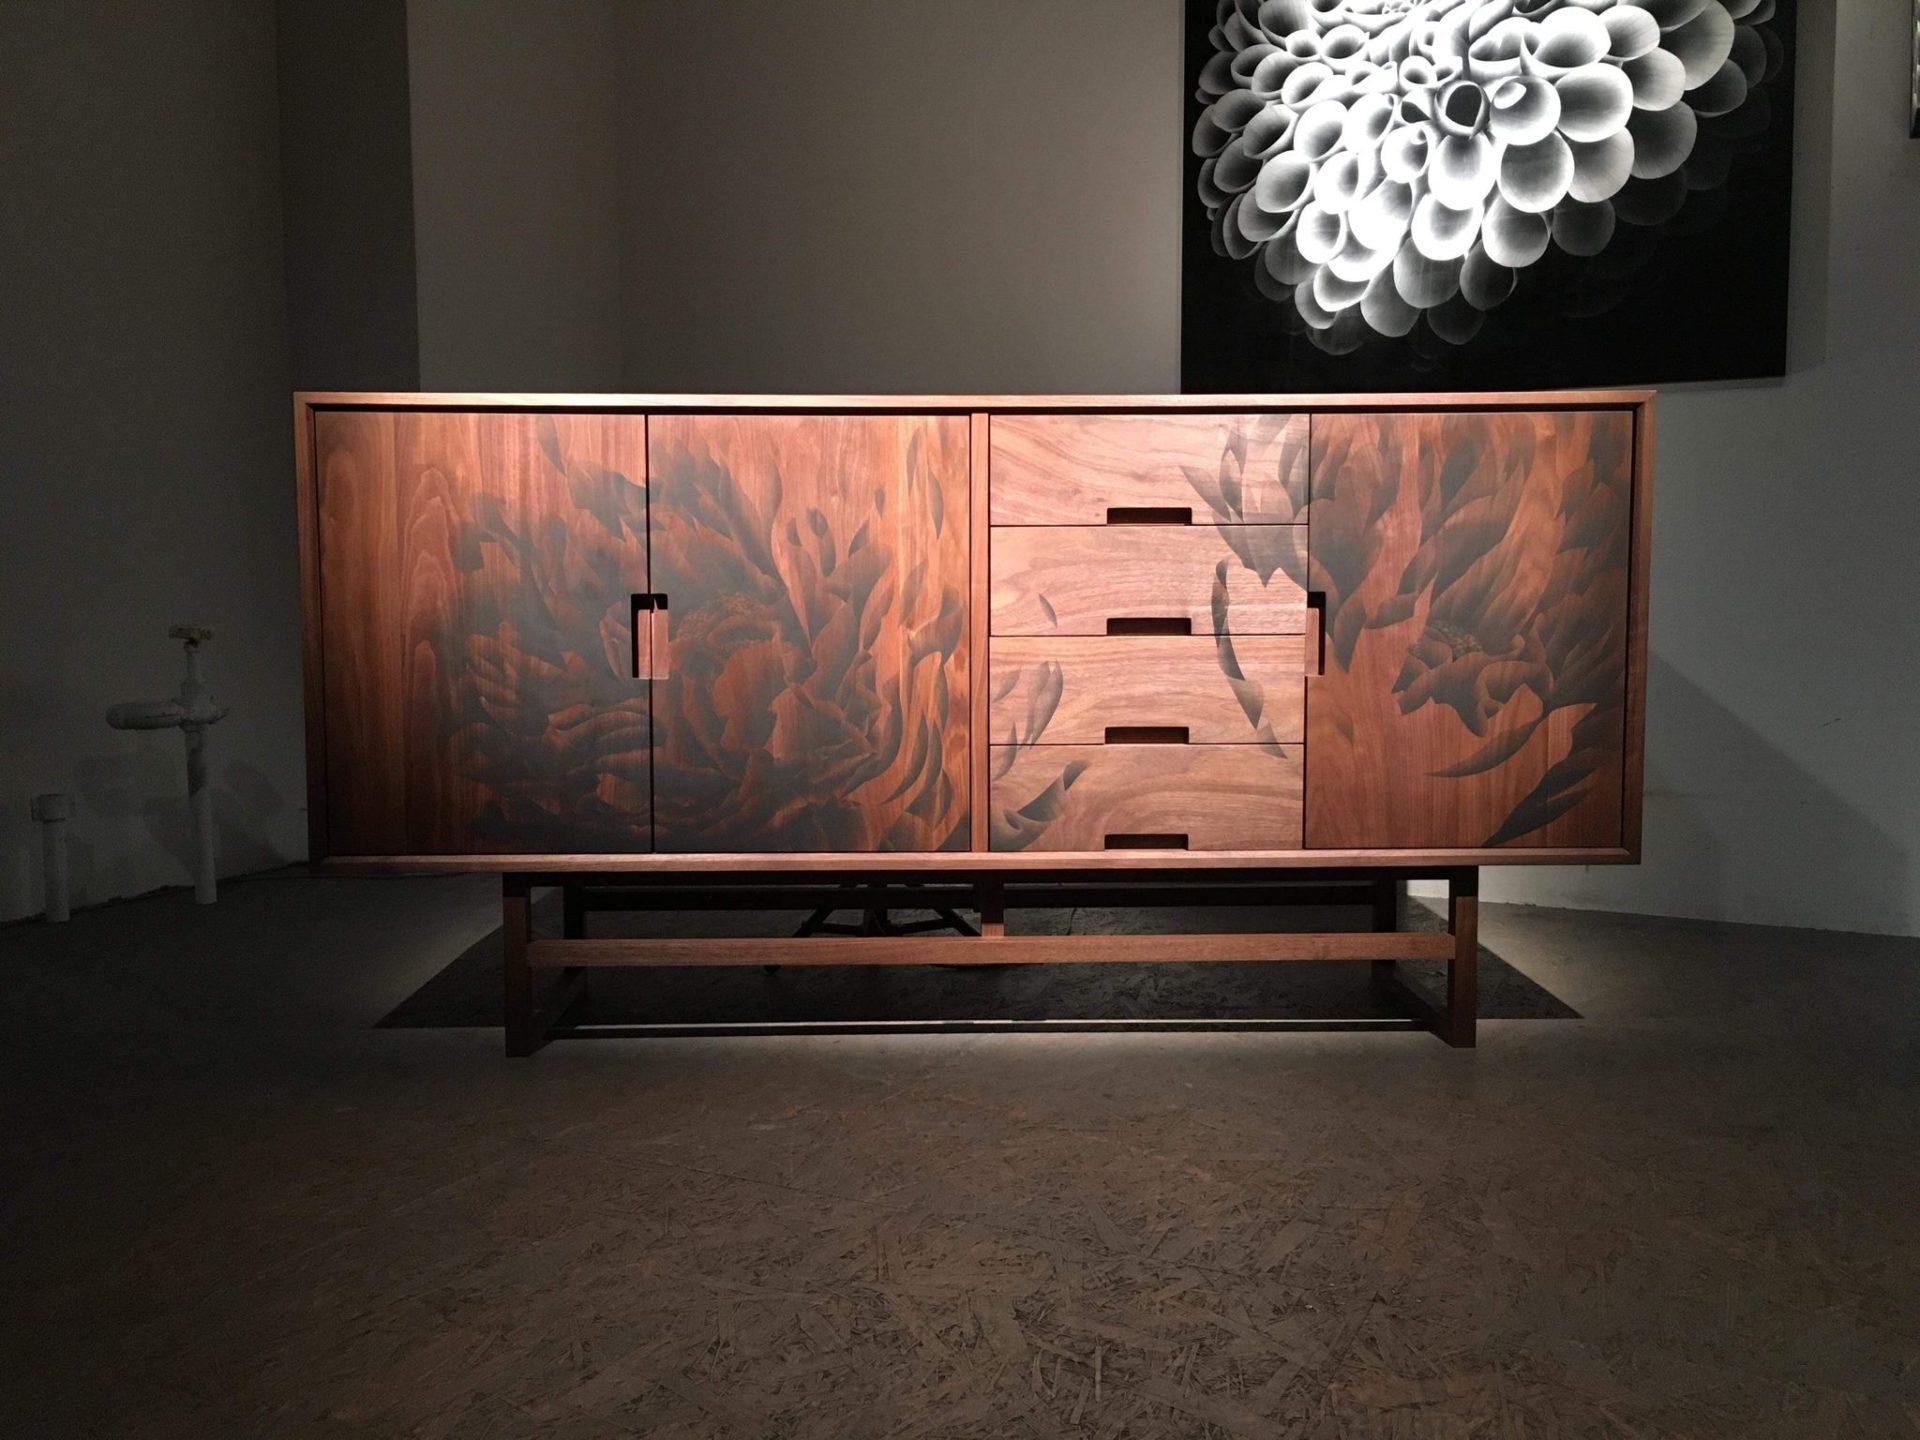 現代美術家 神戸博喜 アート家具「陽炎(かげろう)」& 作品展 開催中